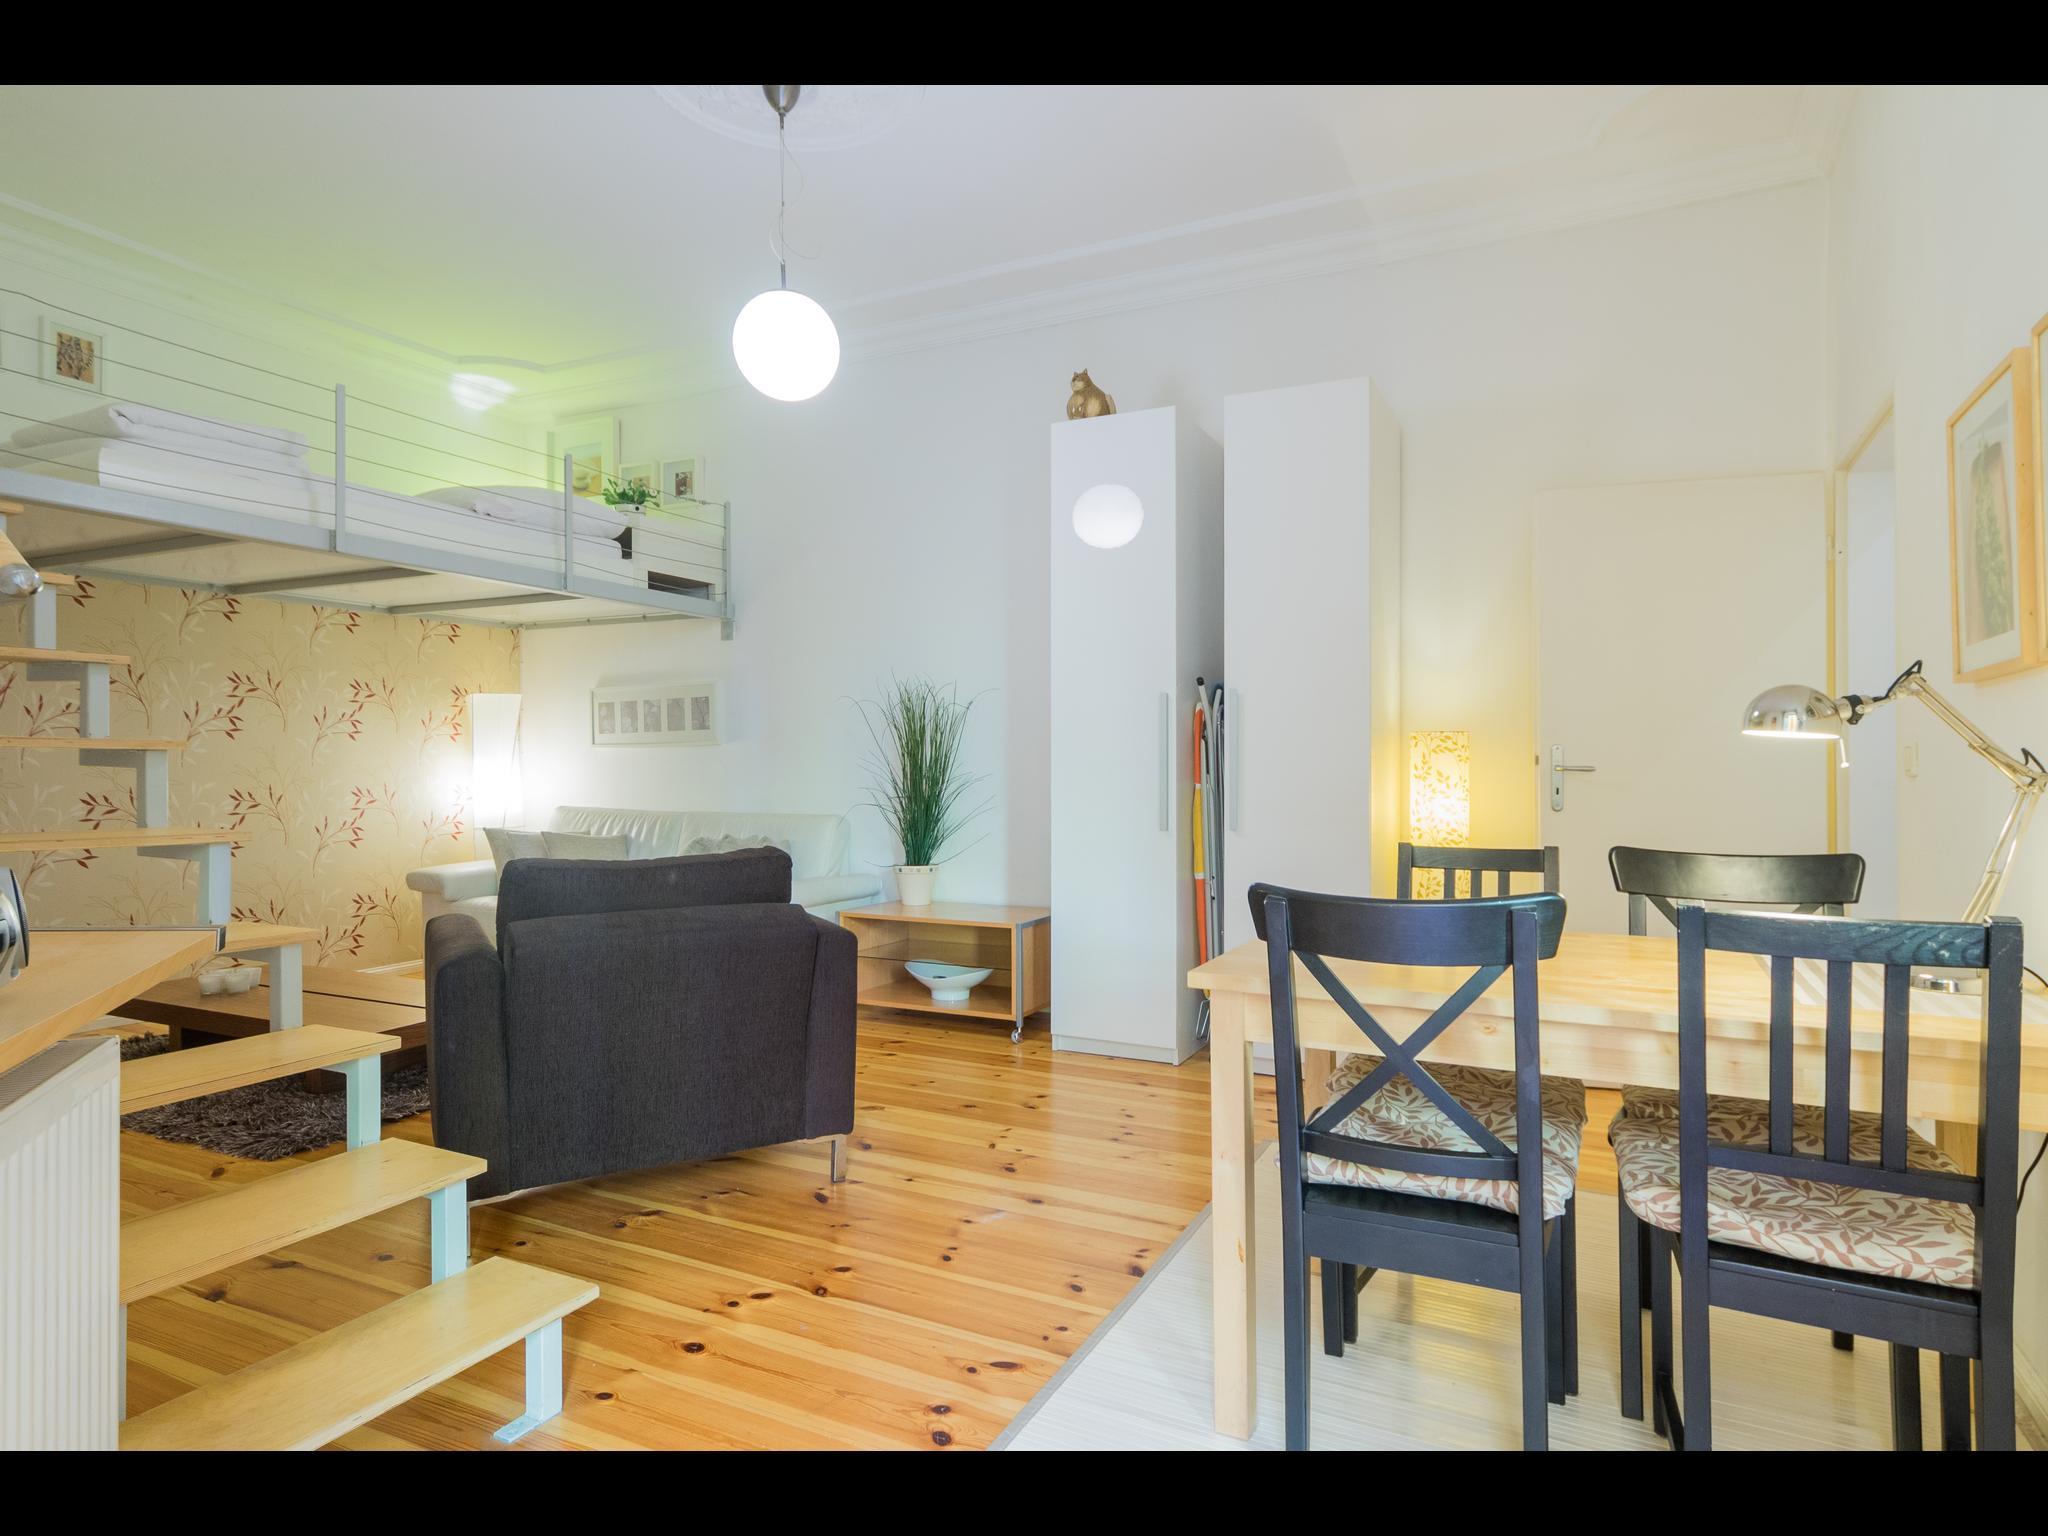 Urban - Entry ready studio in Berlin